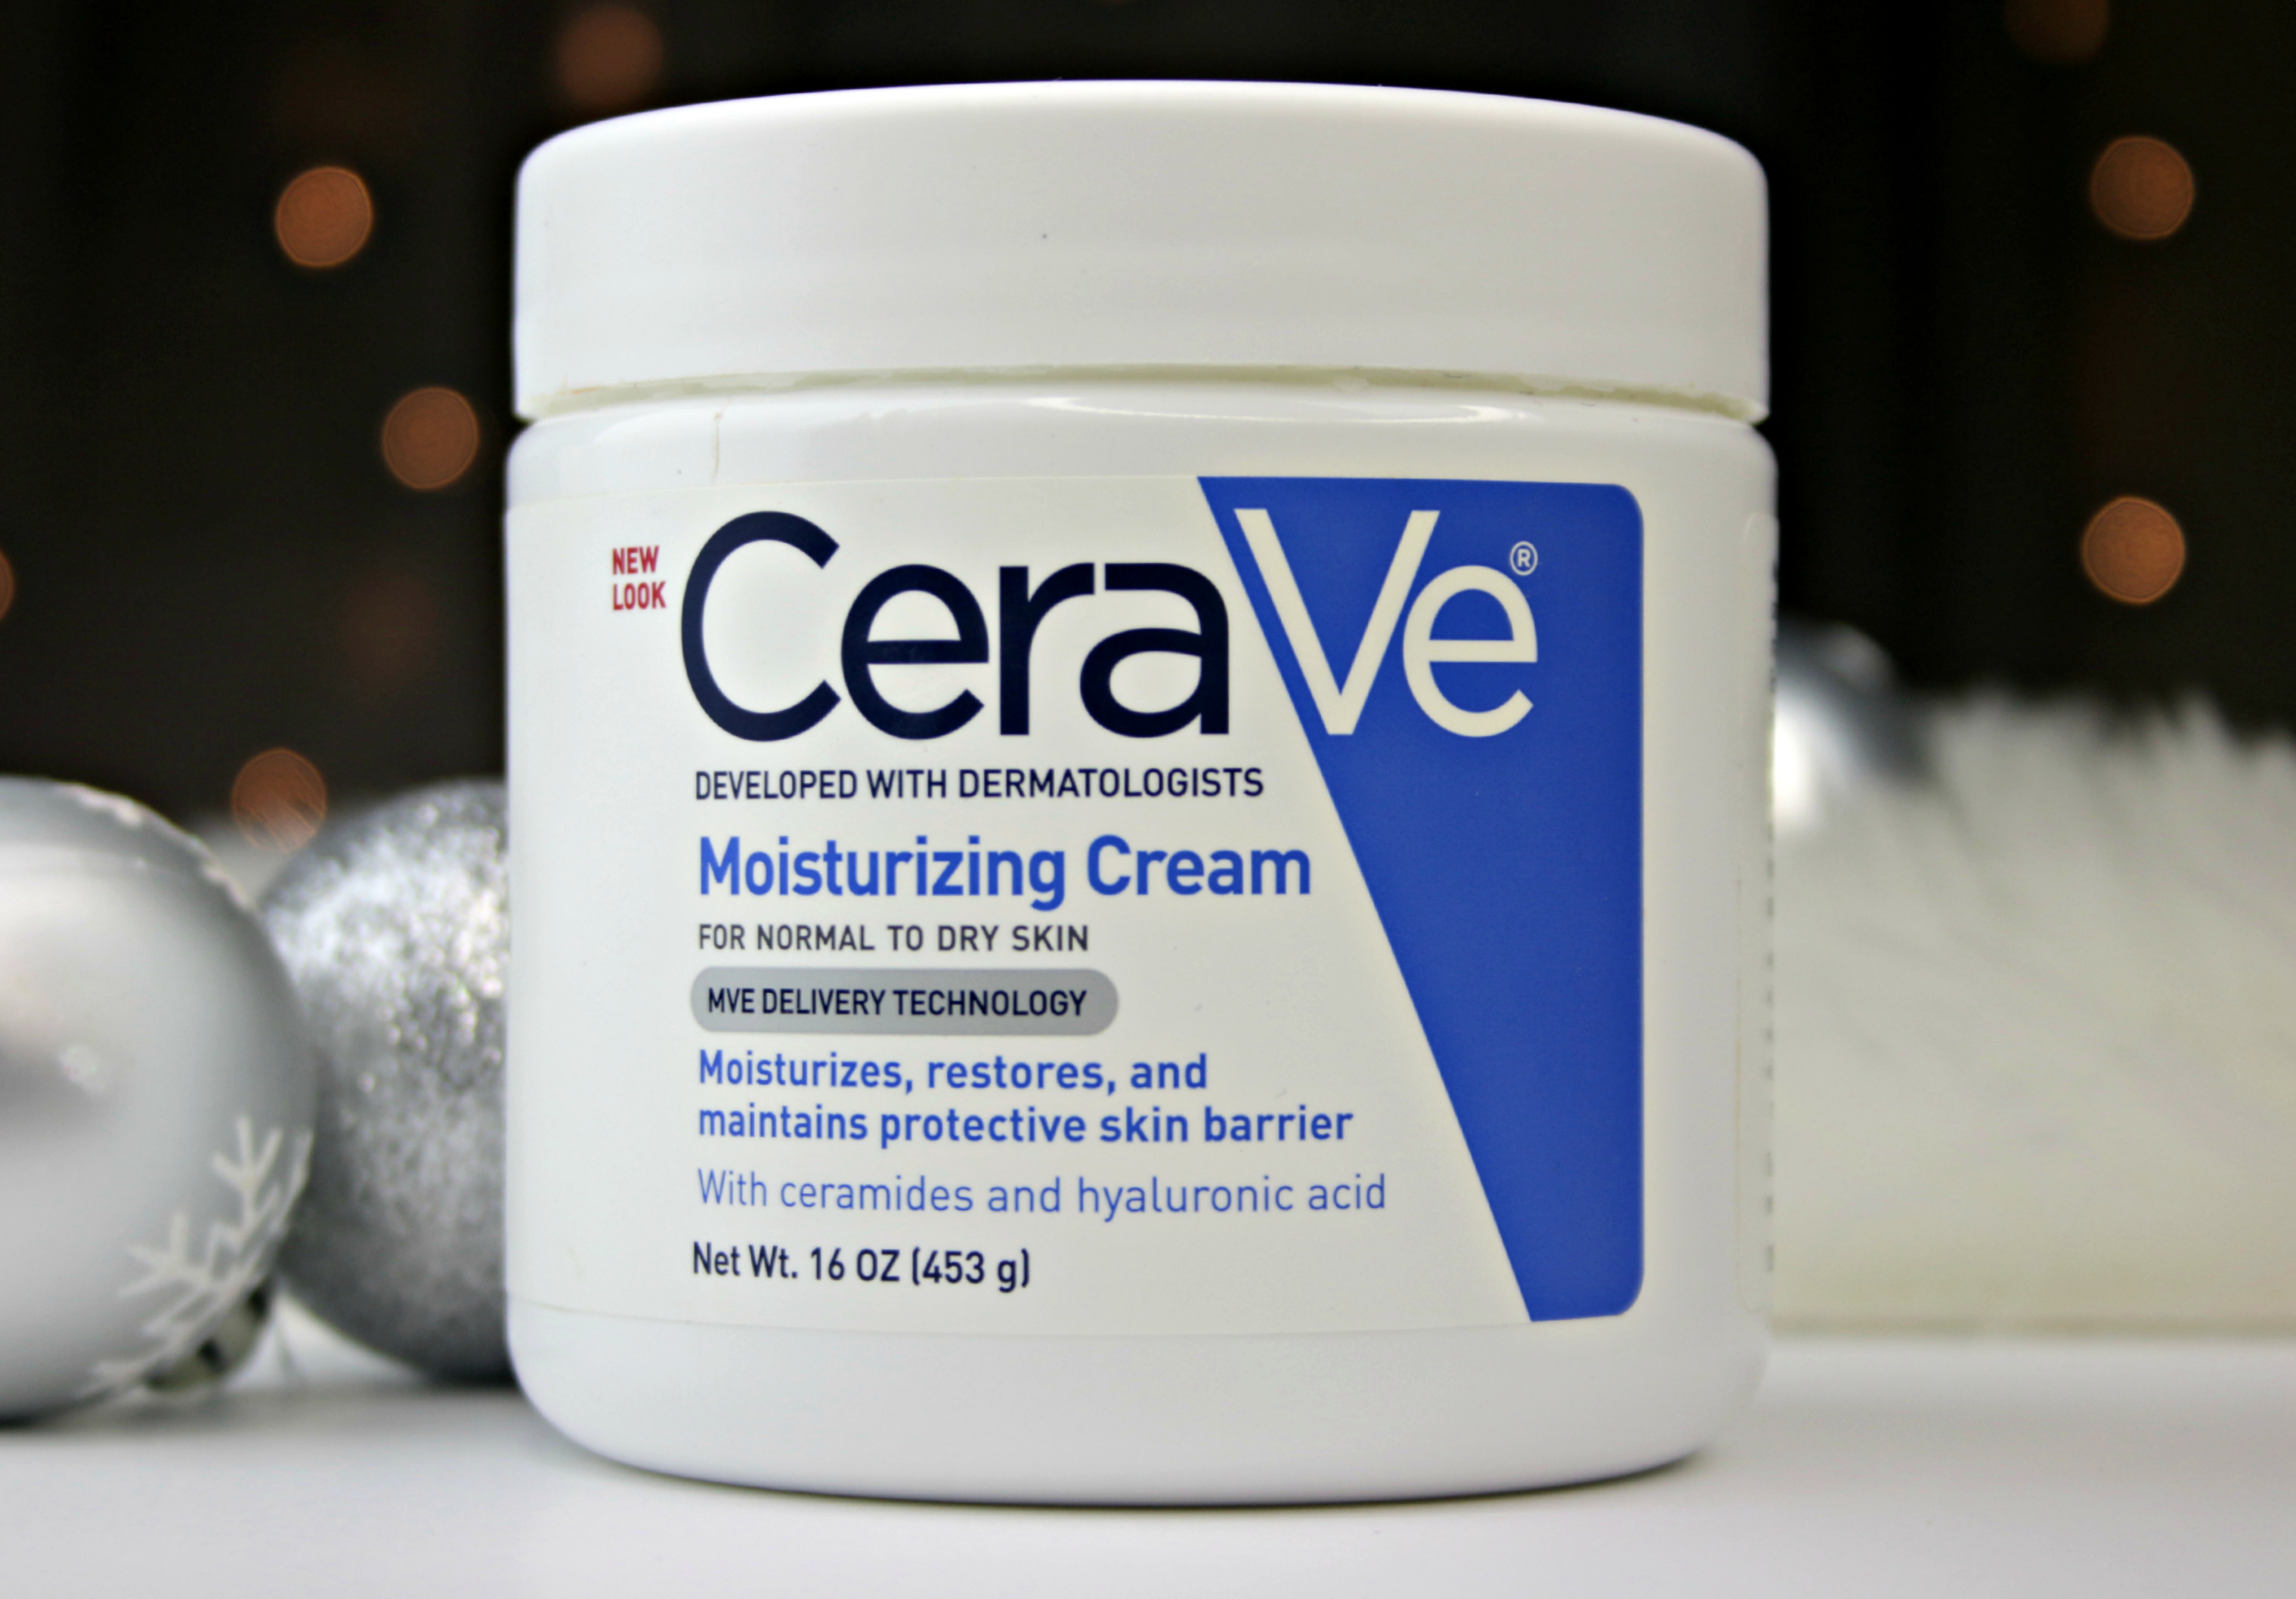 CeraVe cream